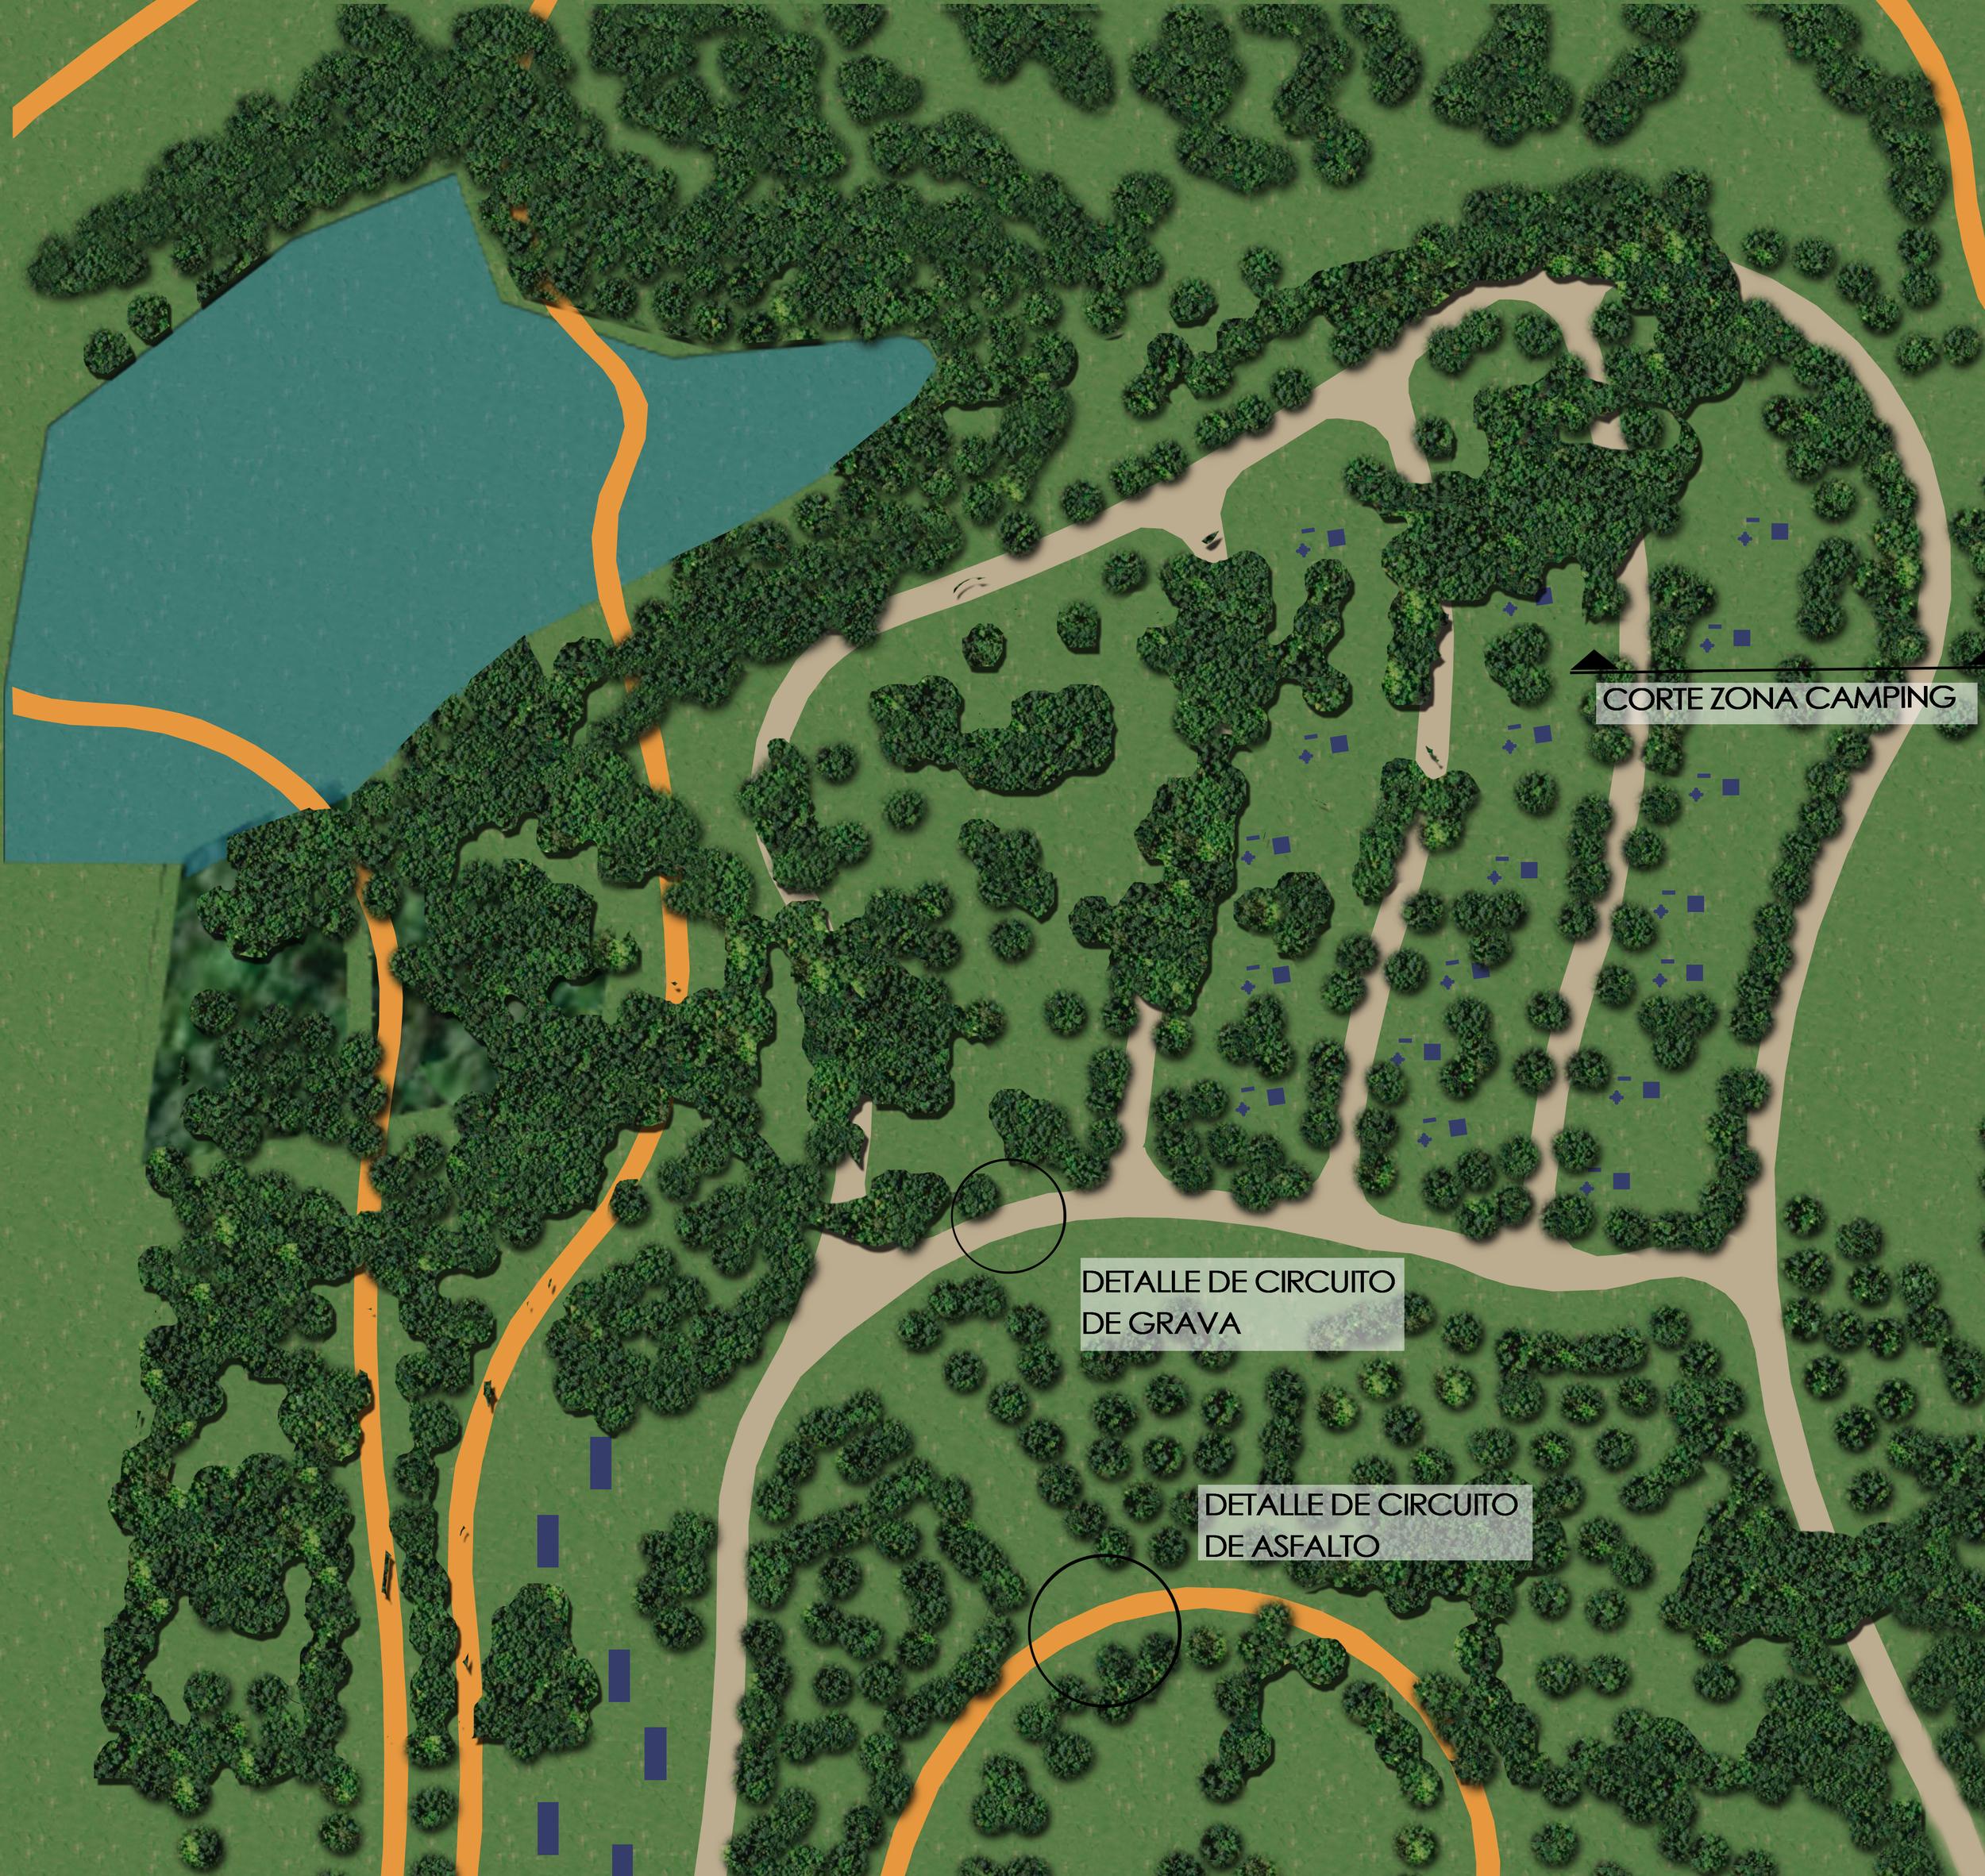 Detalle planta Camping.jpg